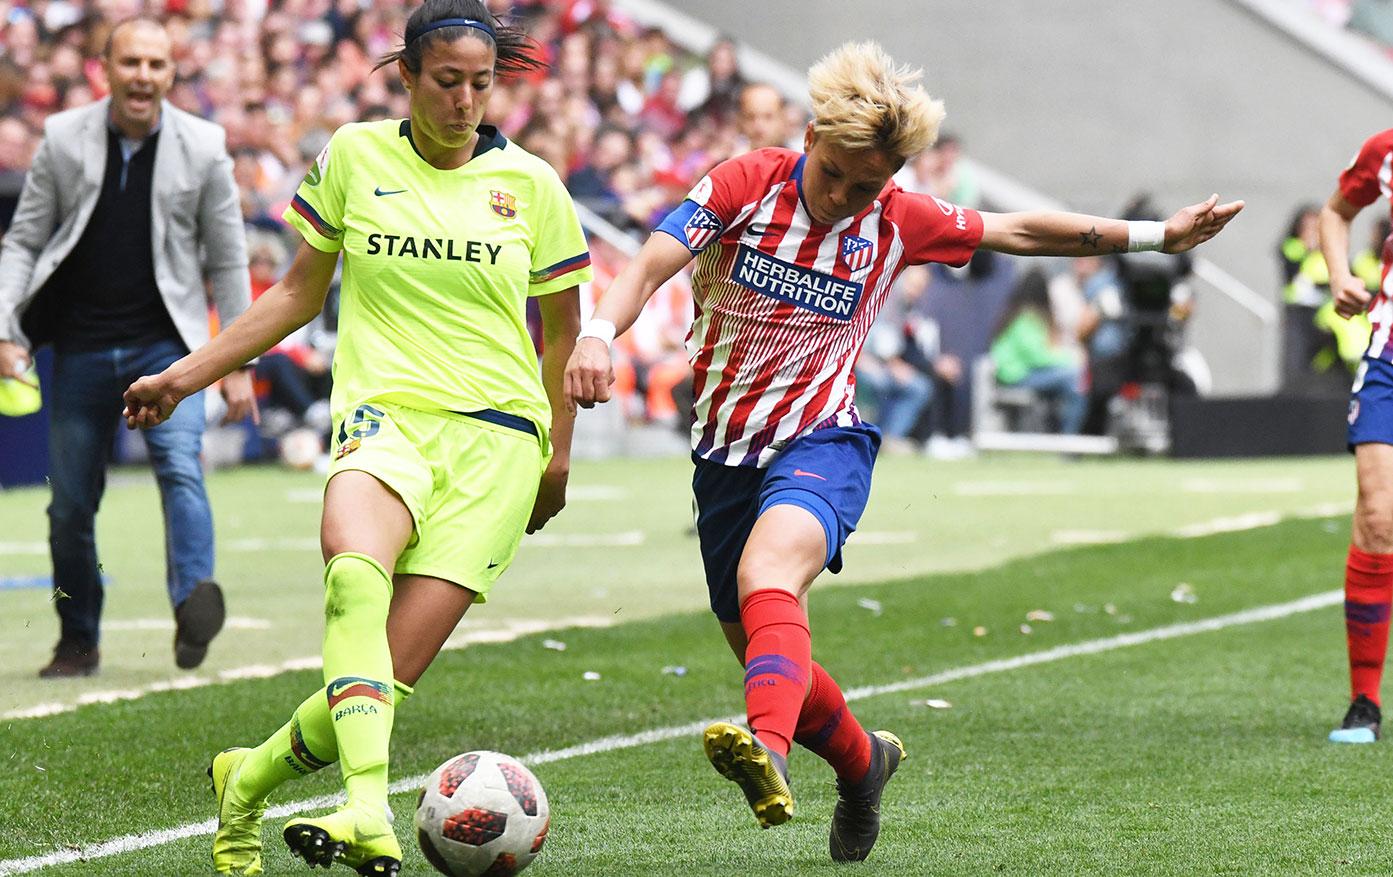 La fuerza imparable del fútbol femenino